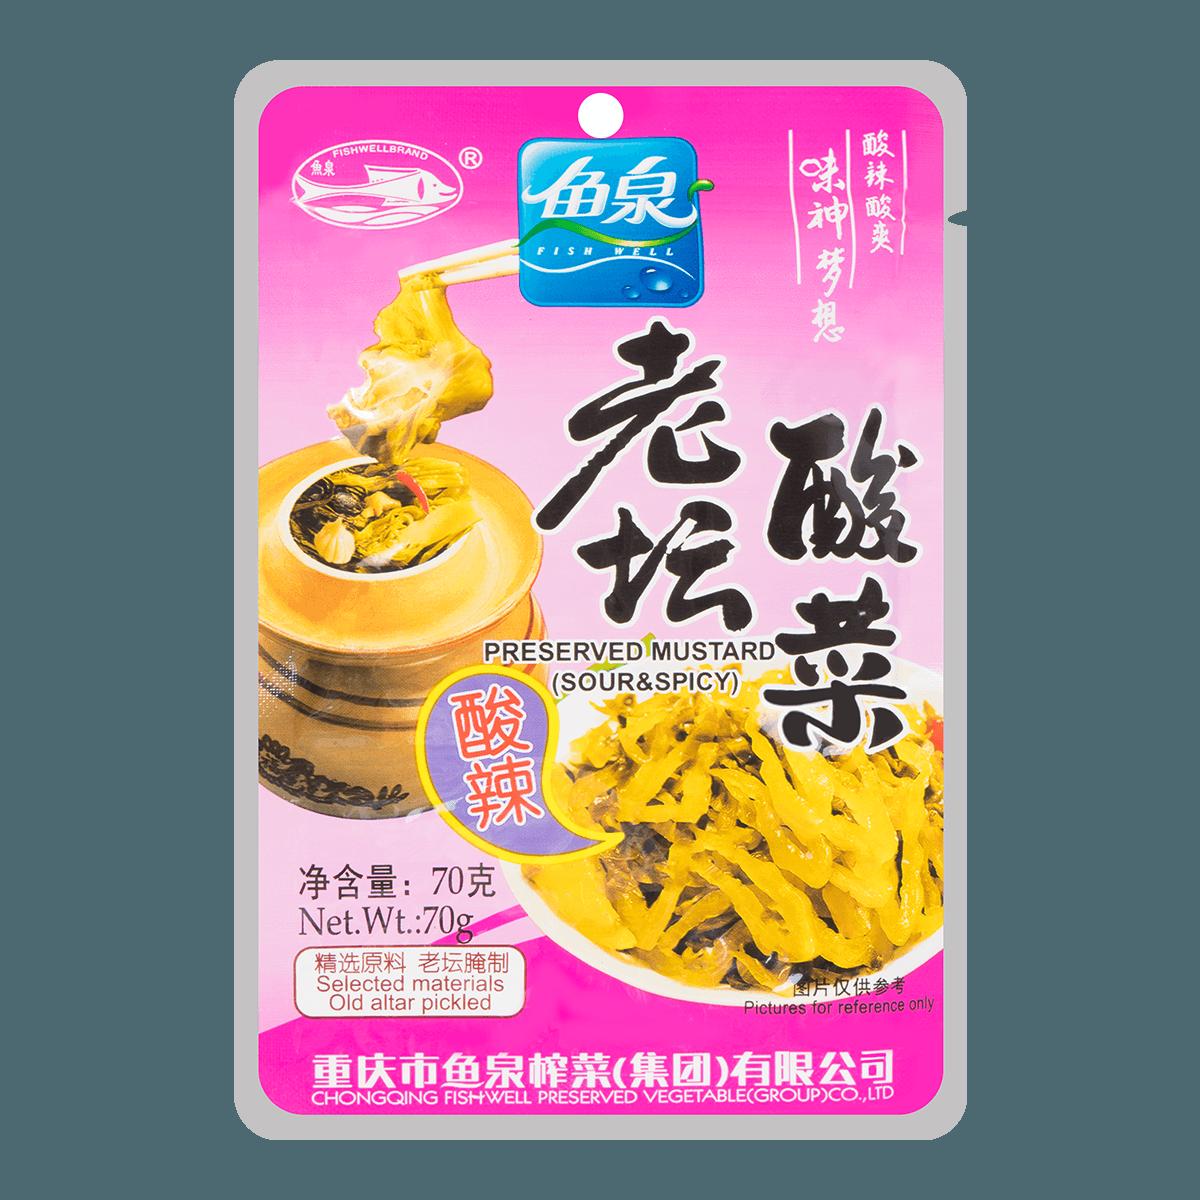 鱼泉牌 老坛酸菜 酸辣味 70g 怎么样 - 亚米网